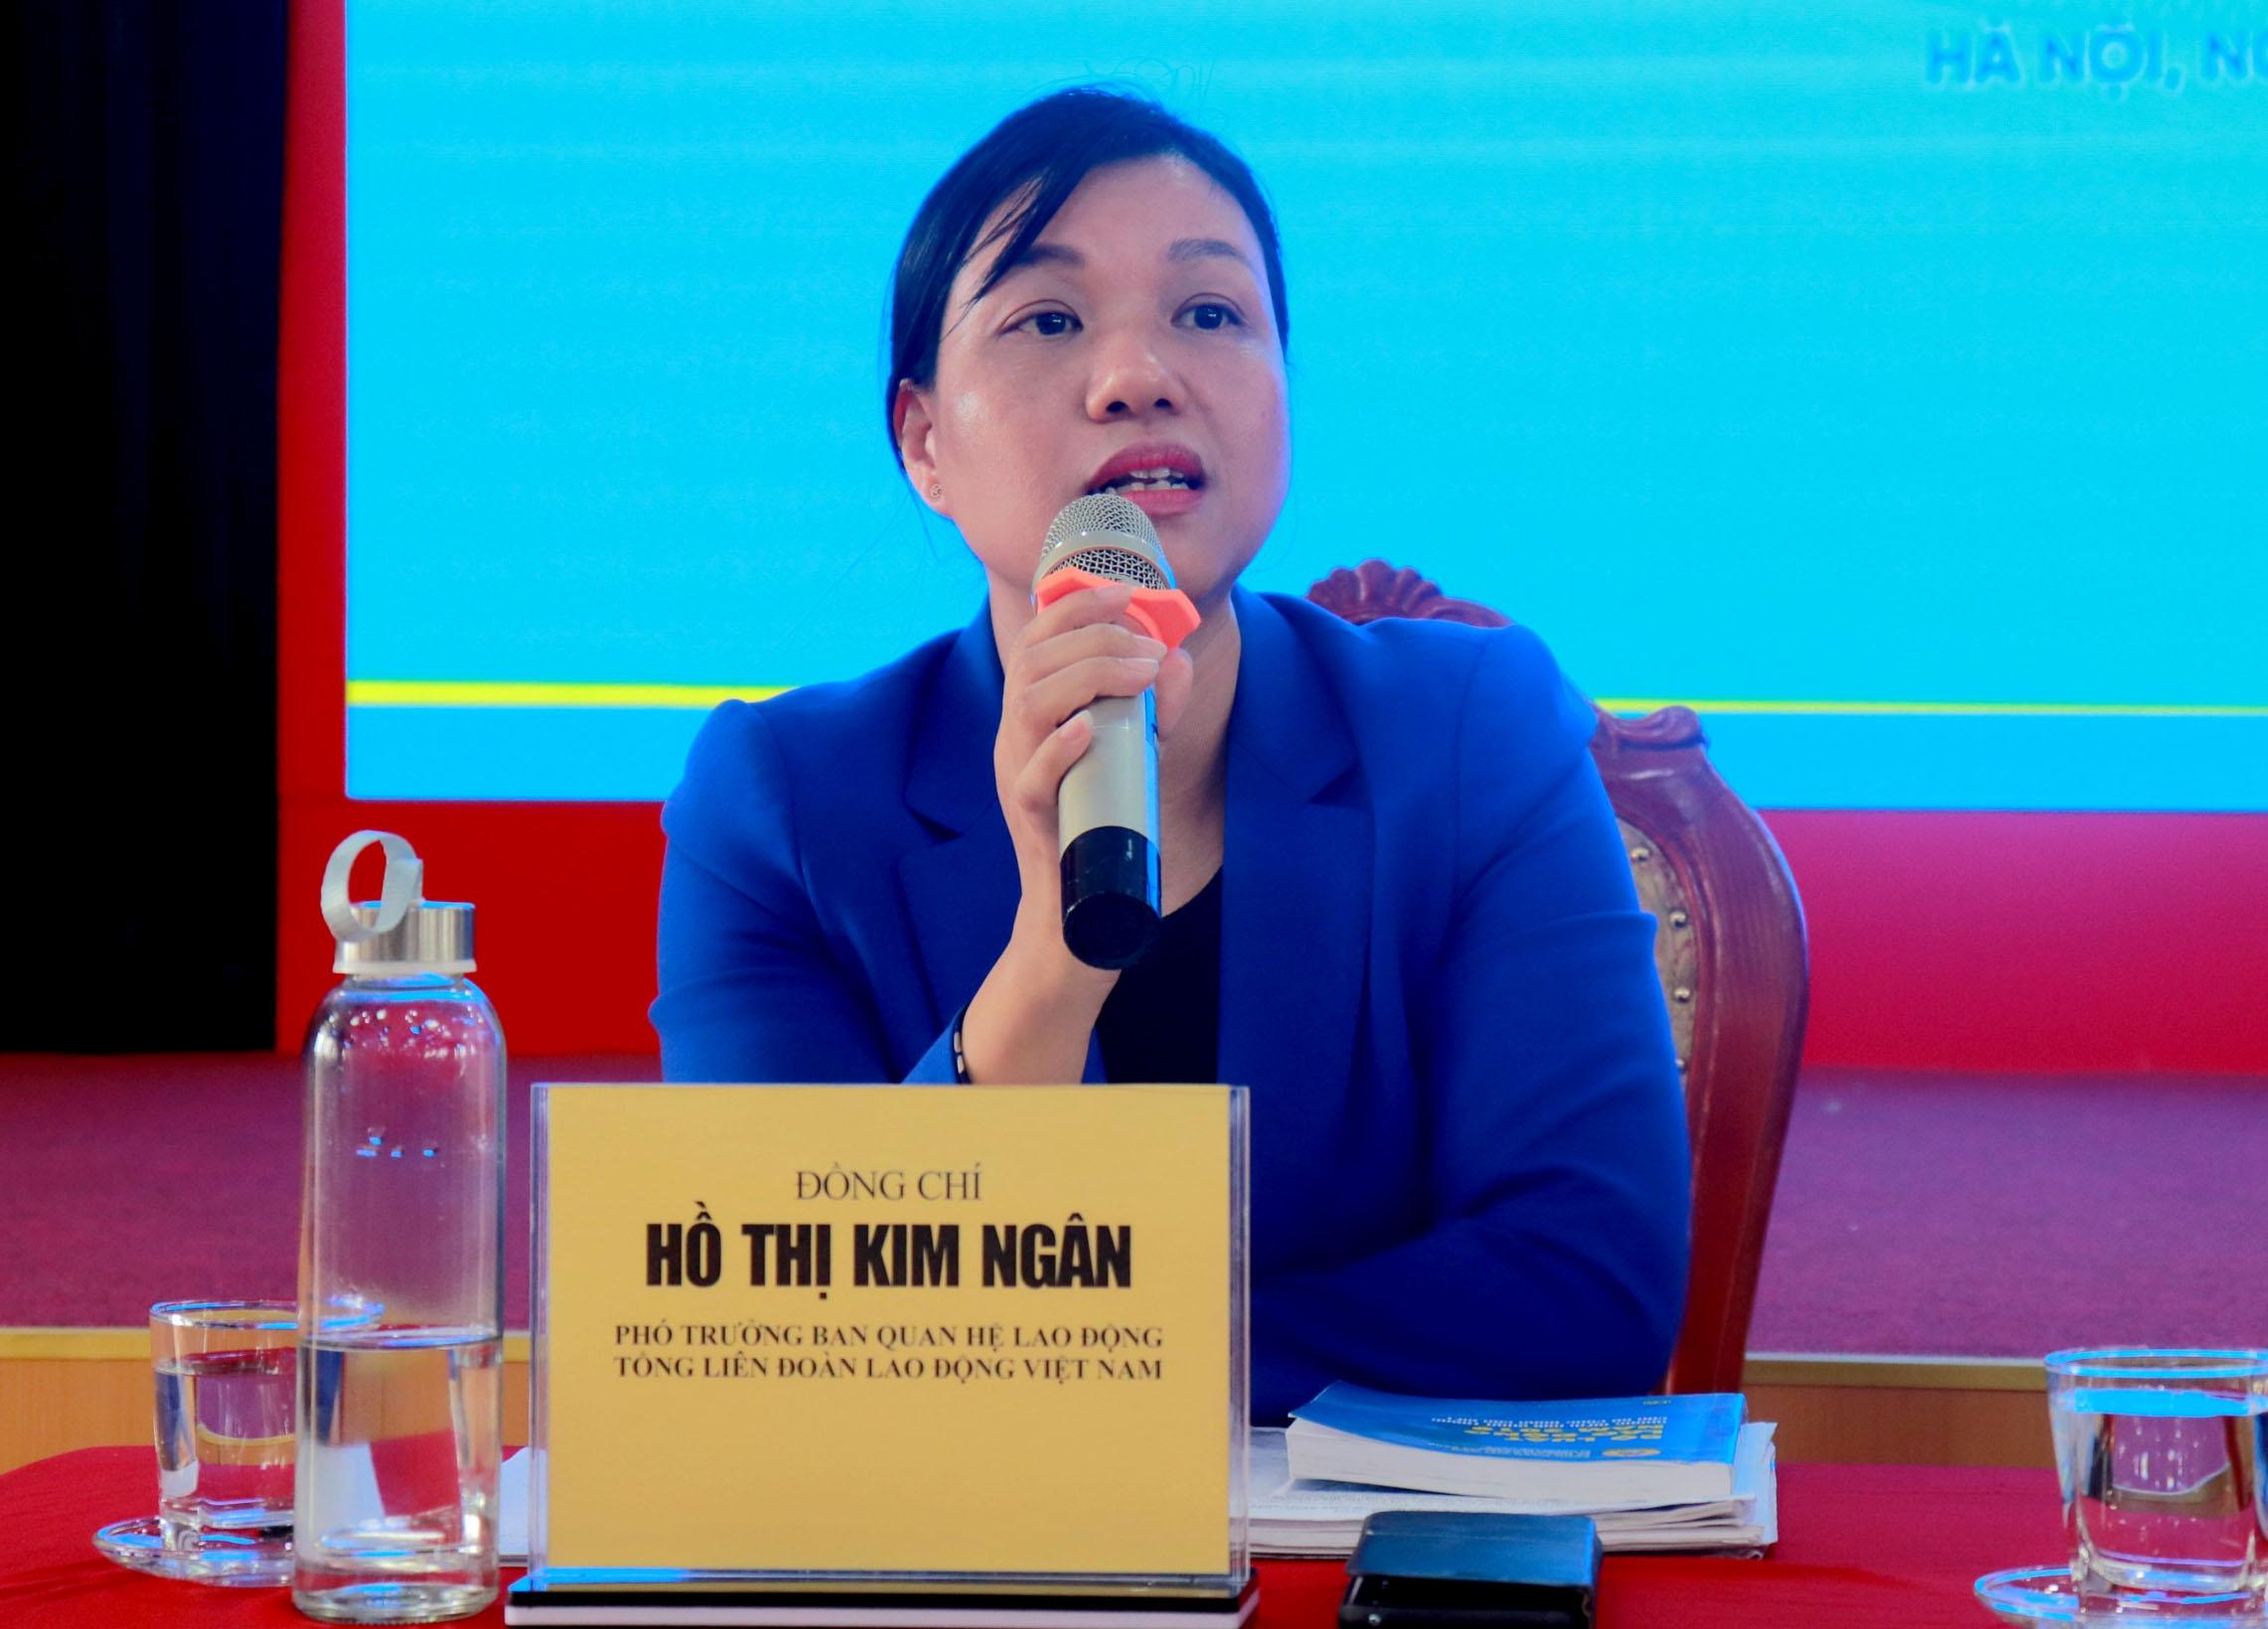 Đang giao lưu trực tuyến: Bộ luật Lao động và những điểm mới áp dụng từ năm 2021